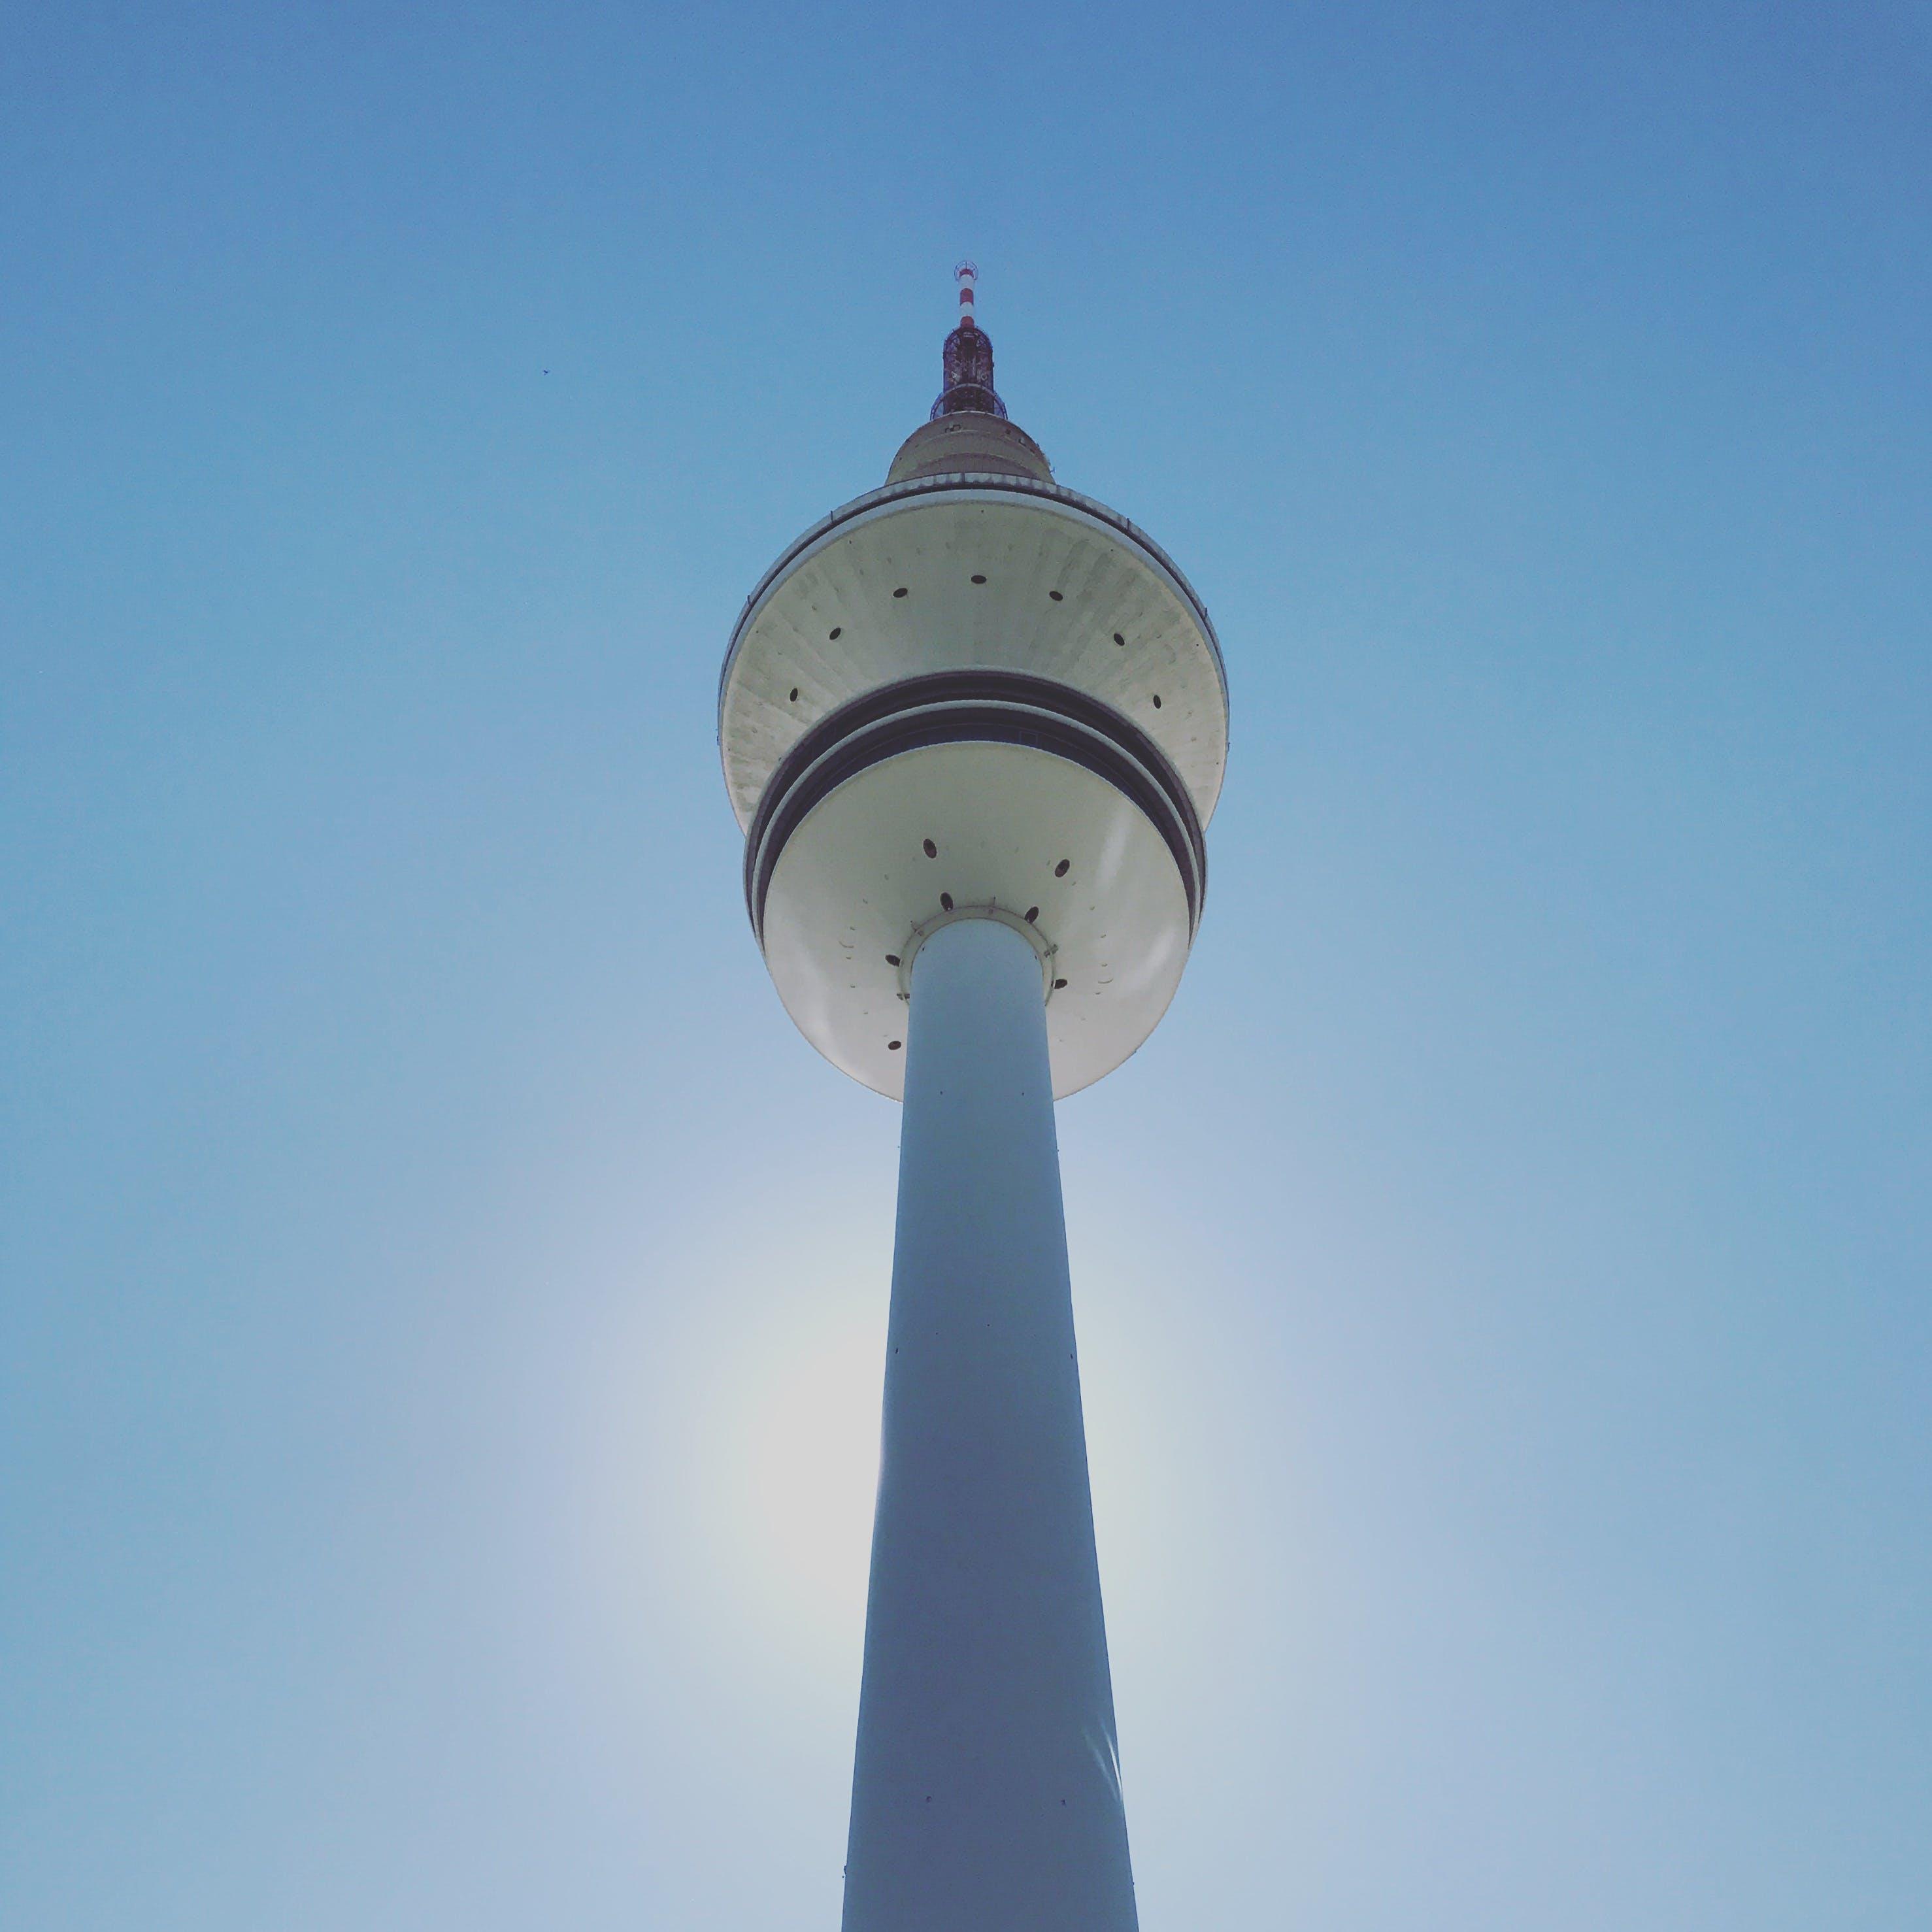 Ảnh lưu trữ miễn phí về ánh sáng ban ngày, bầu trời, cao tầng, góc chụp thấp